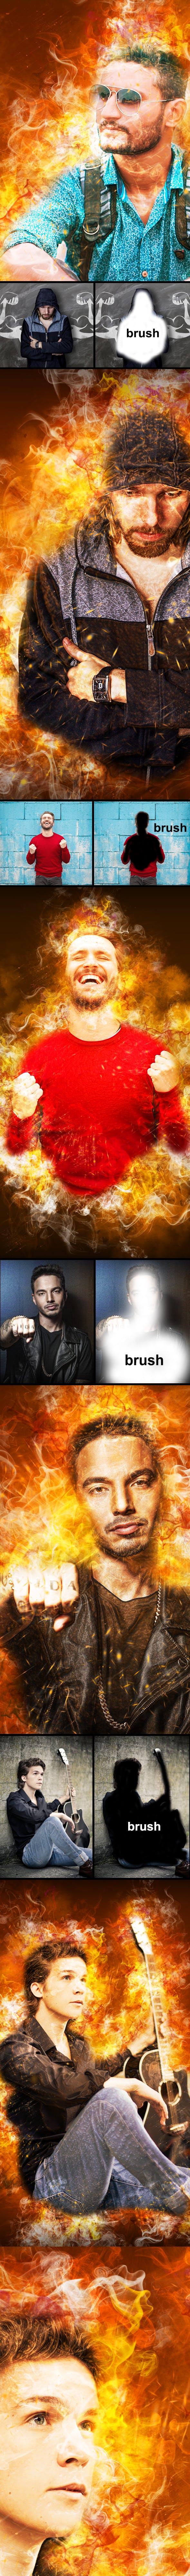 Скачать [Graphicriver] Amazing Flame Photoshop Action (2019), Отзывы Складчик » Архив Складчин